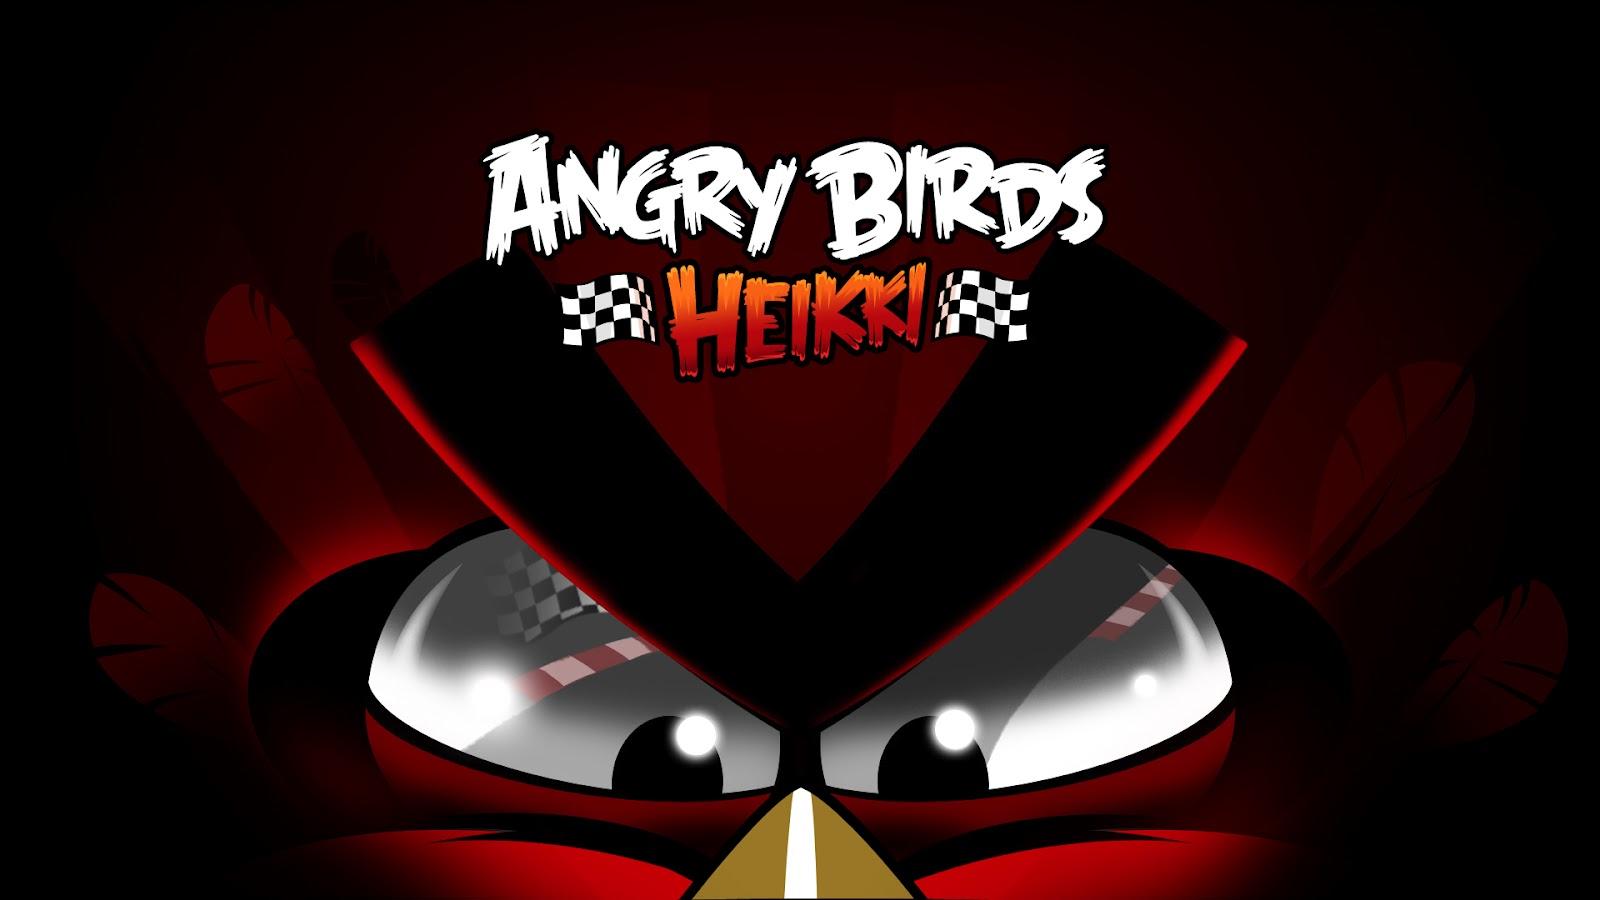 http://1.bp.blogspot.com/-zFsQuisgnpQ/UBs5NMk2xjI/AAAAAAAAAK4/fWnypNTK7FM/s1600/angry+birds+Heikki+wallpaper+1920x1080.jpg